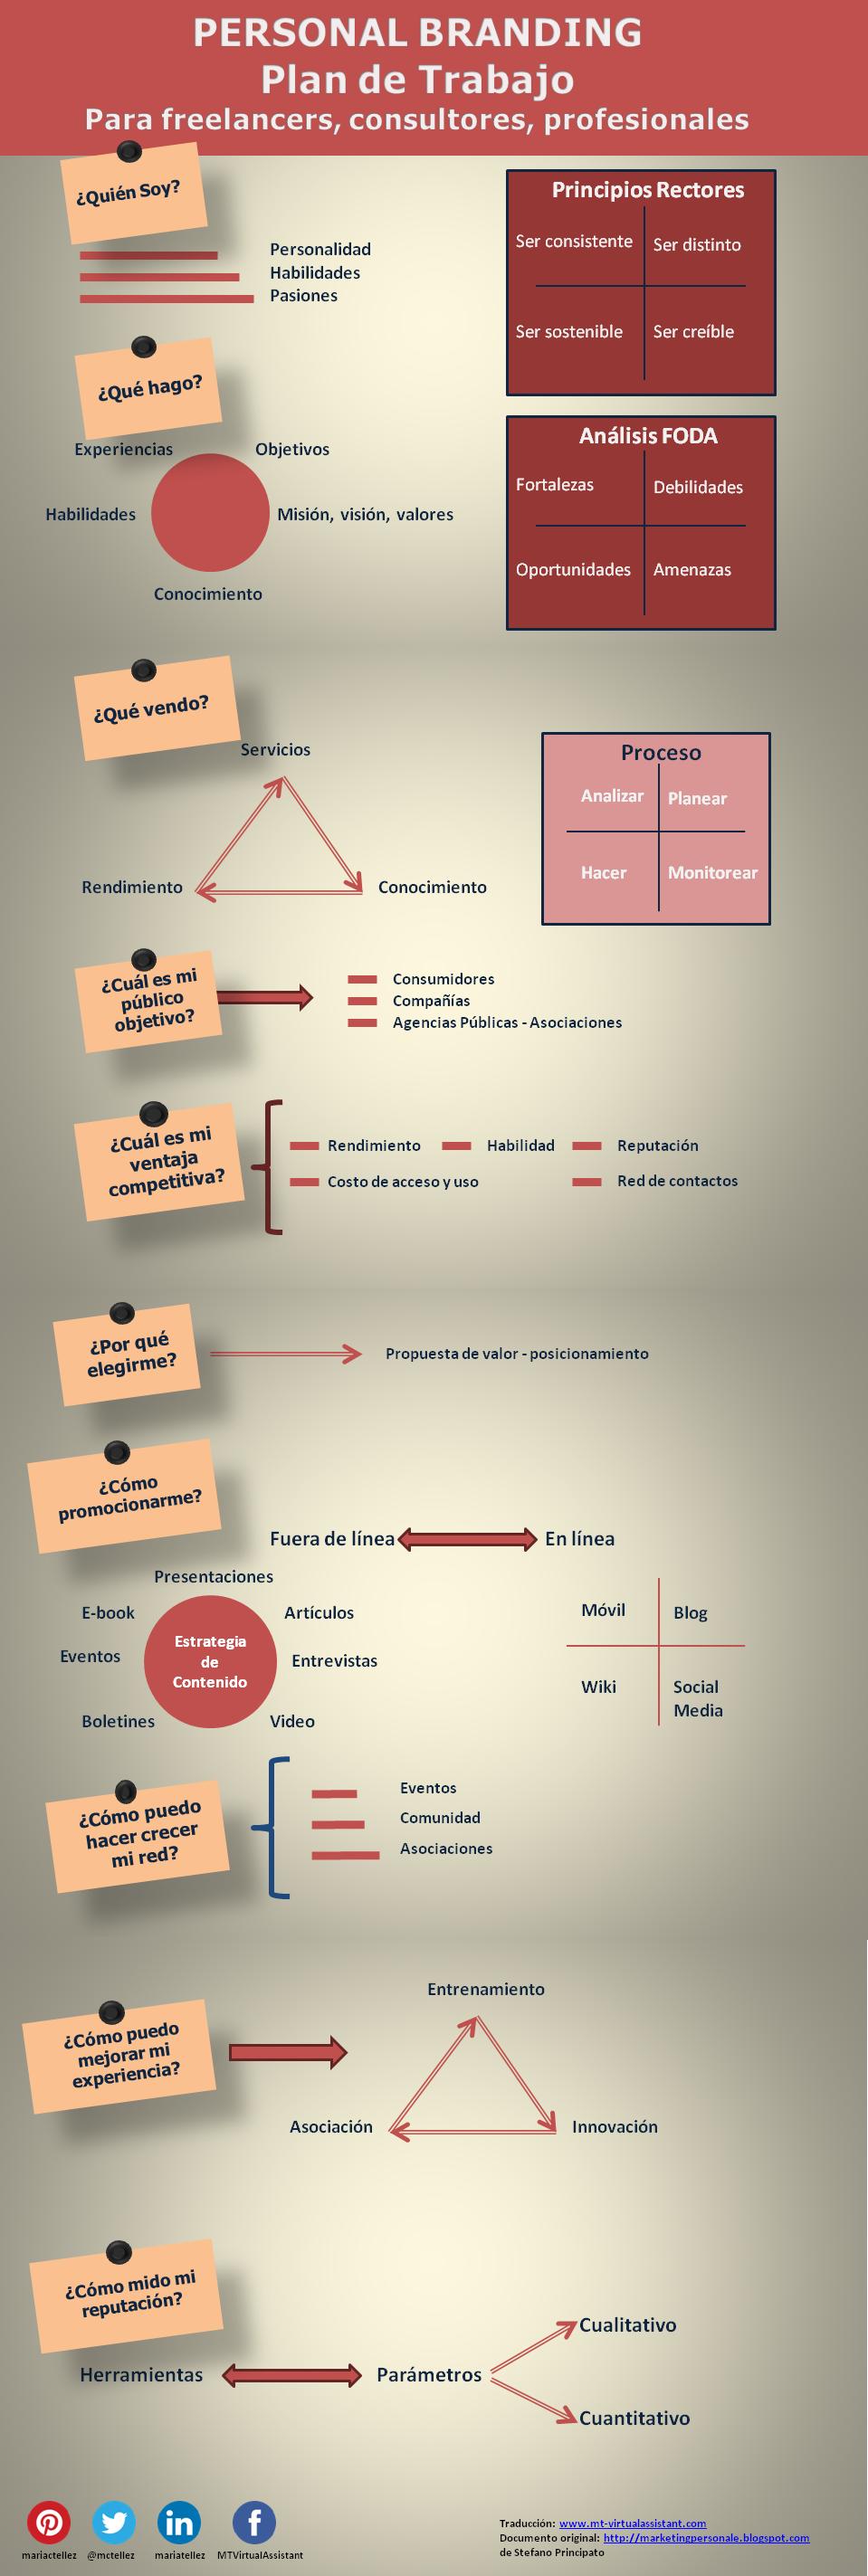 Infografia - Plan de trabajo para tu marca personal #infografia #infographic #marketing - TICs y Formación